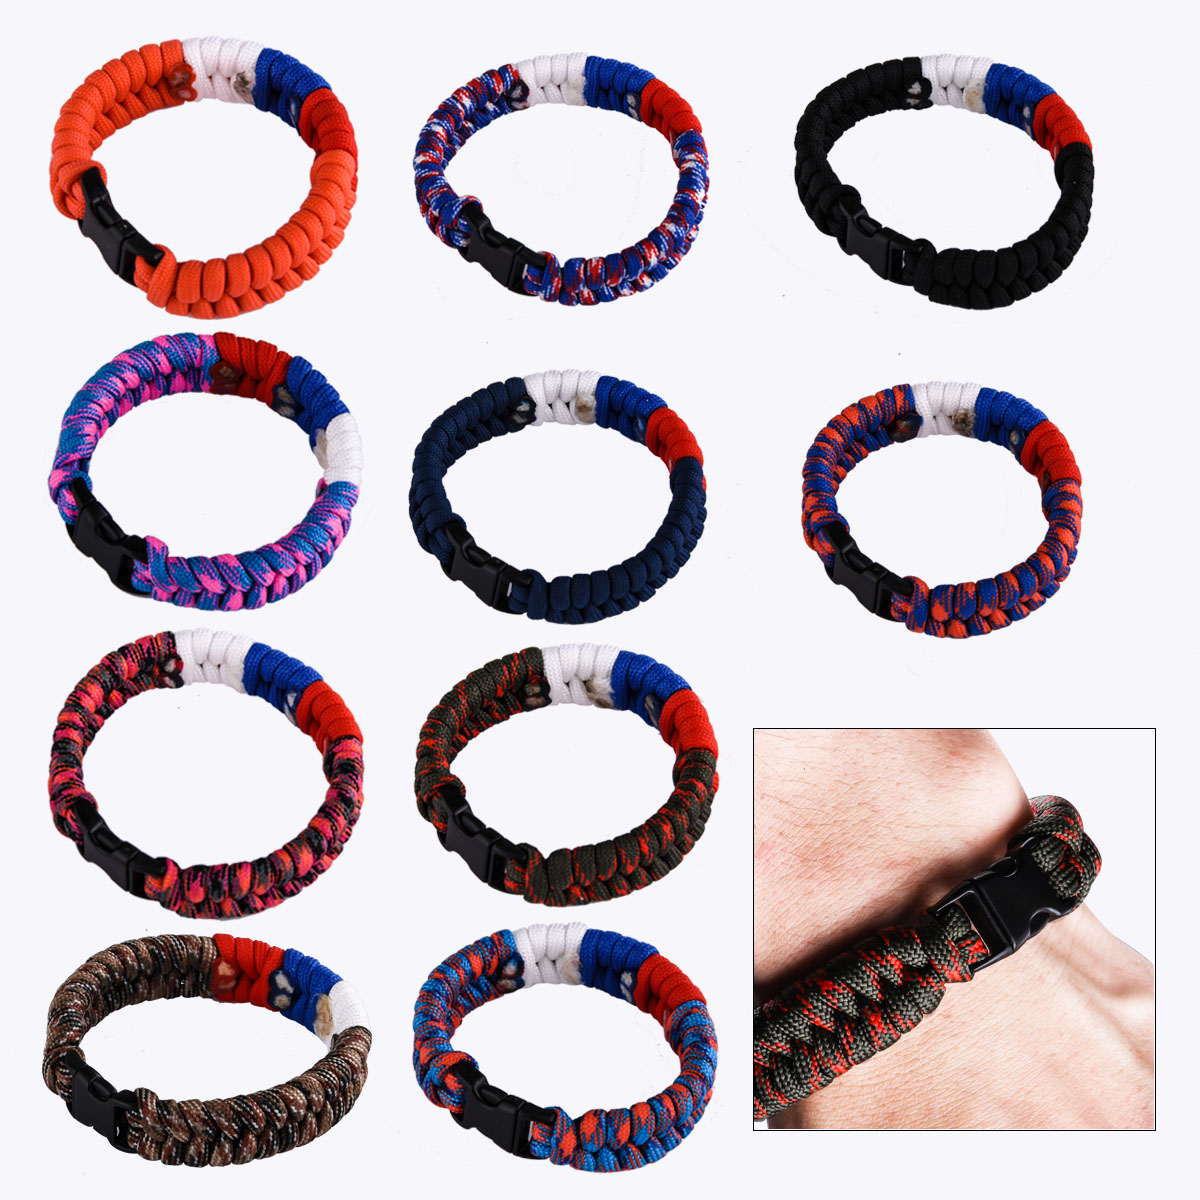 Плетёные браслеты из верёвок высокого качества